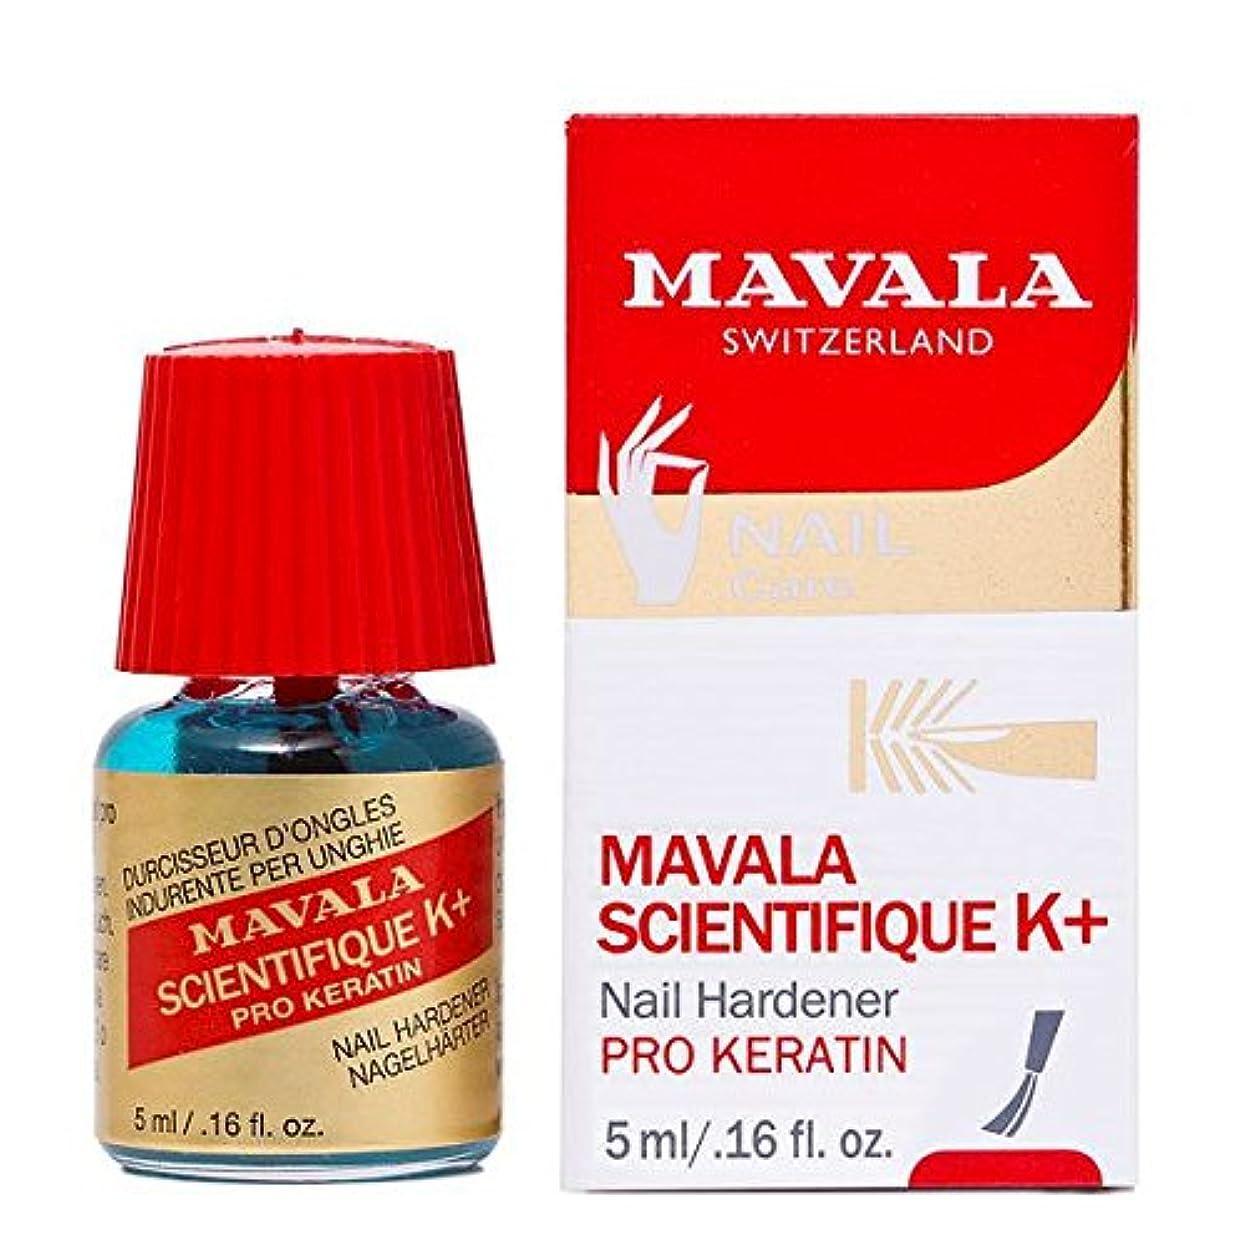 マヴァラ サイエンティフィックKプラスネイルハードナー 5ml [並行輸入品]